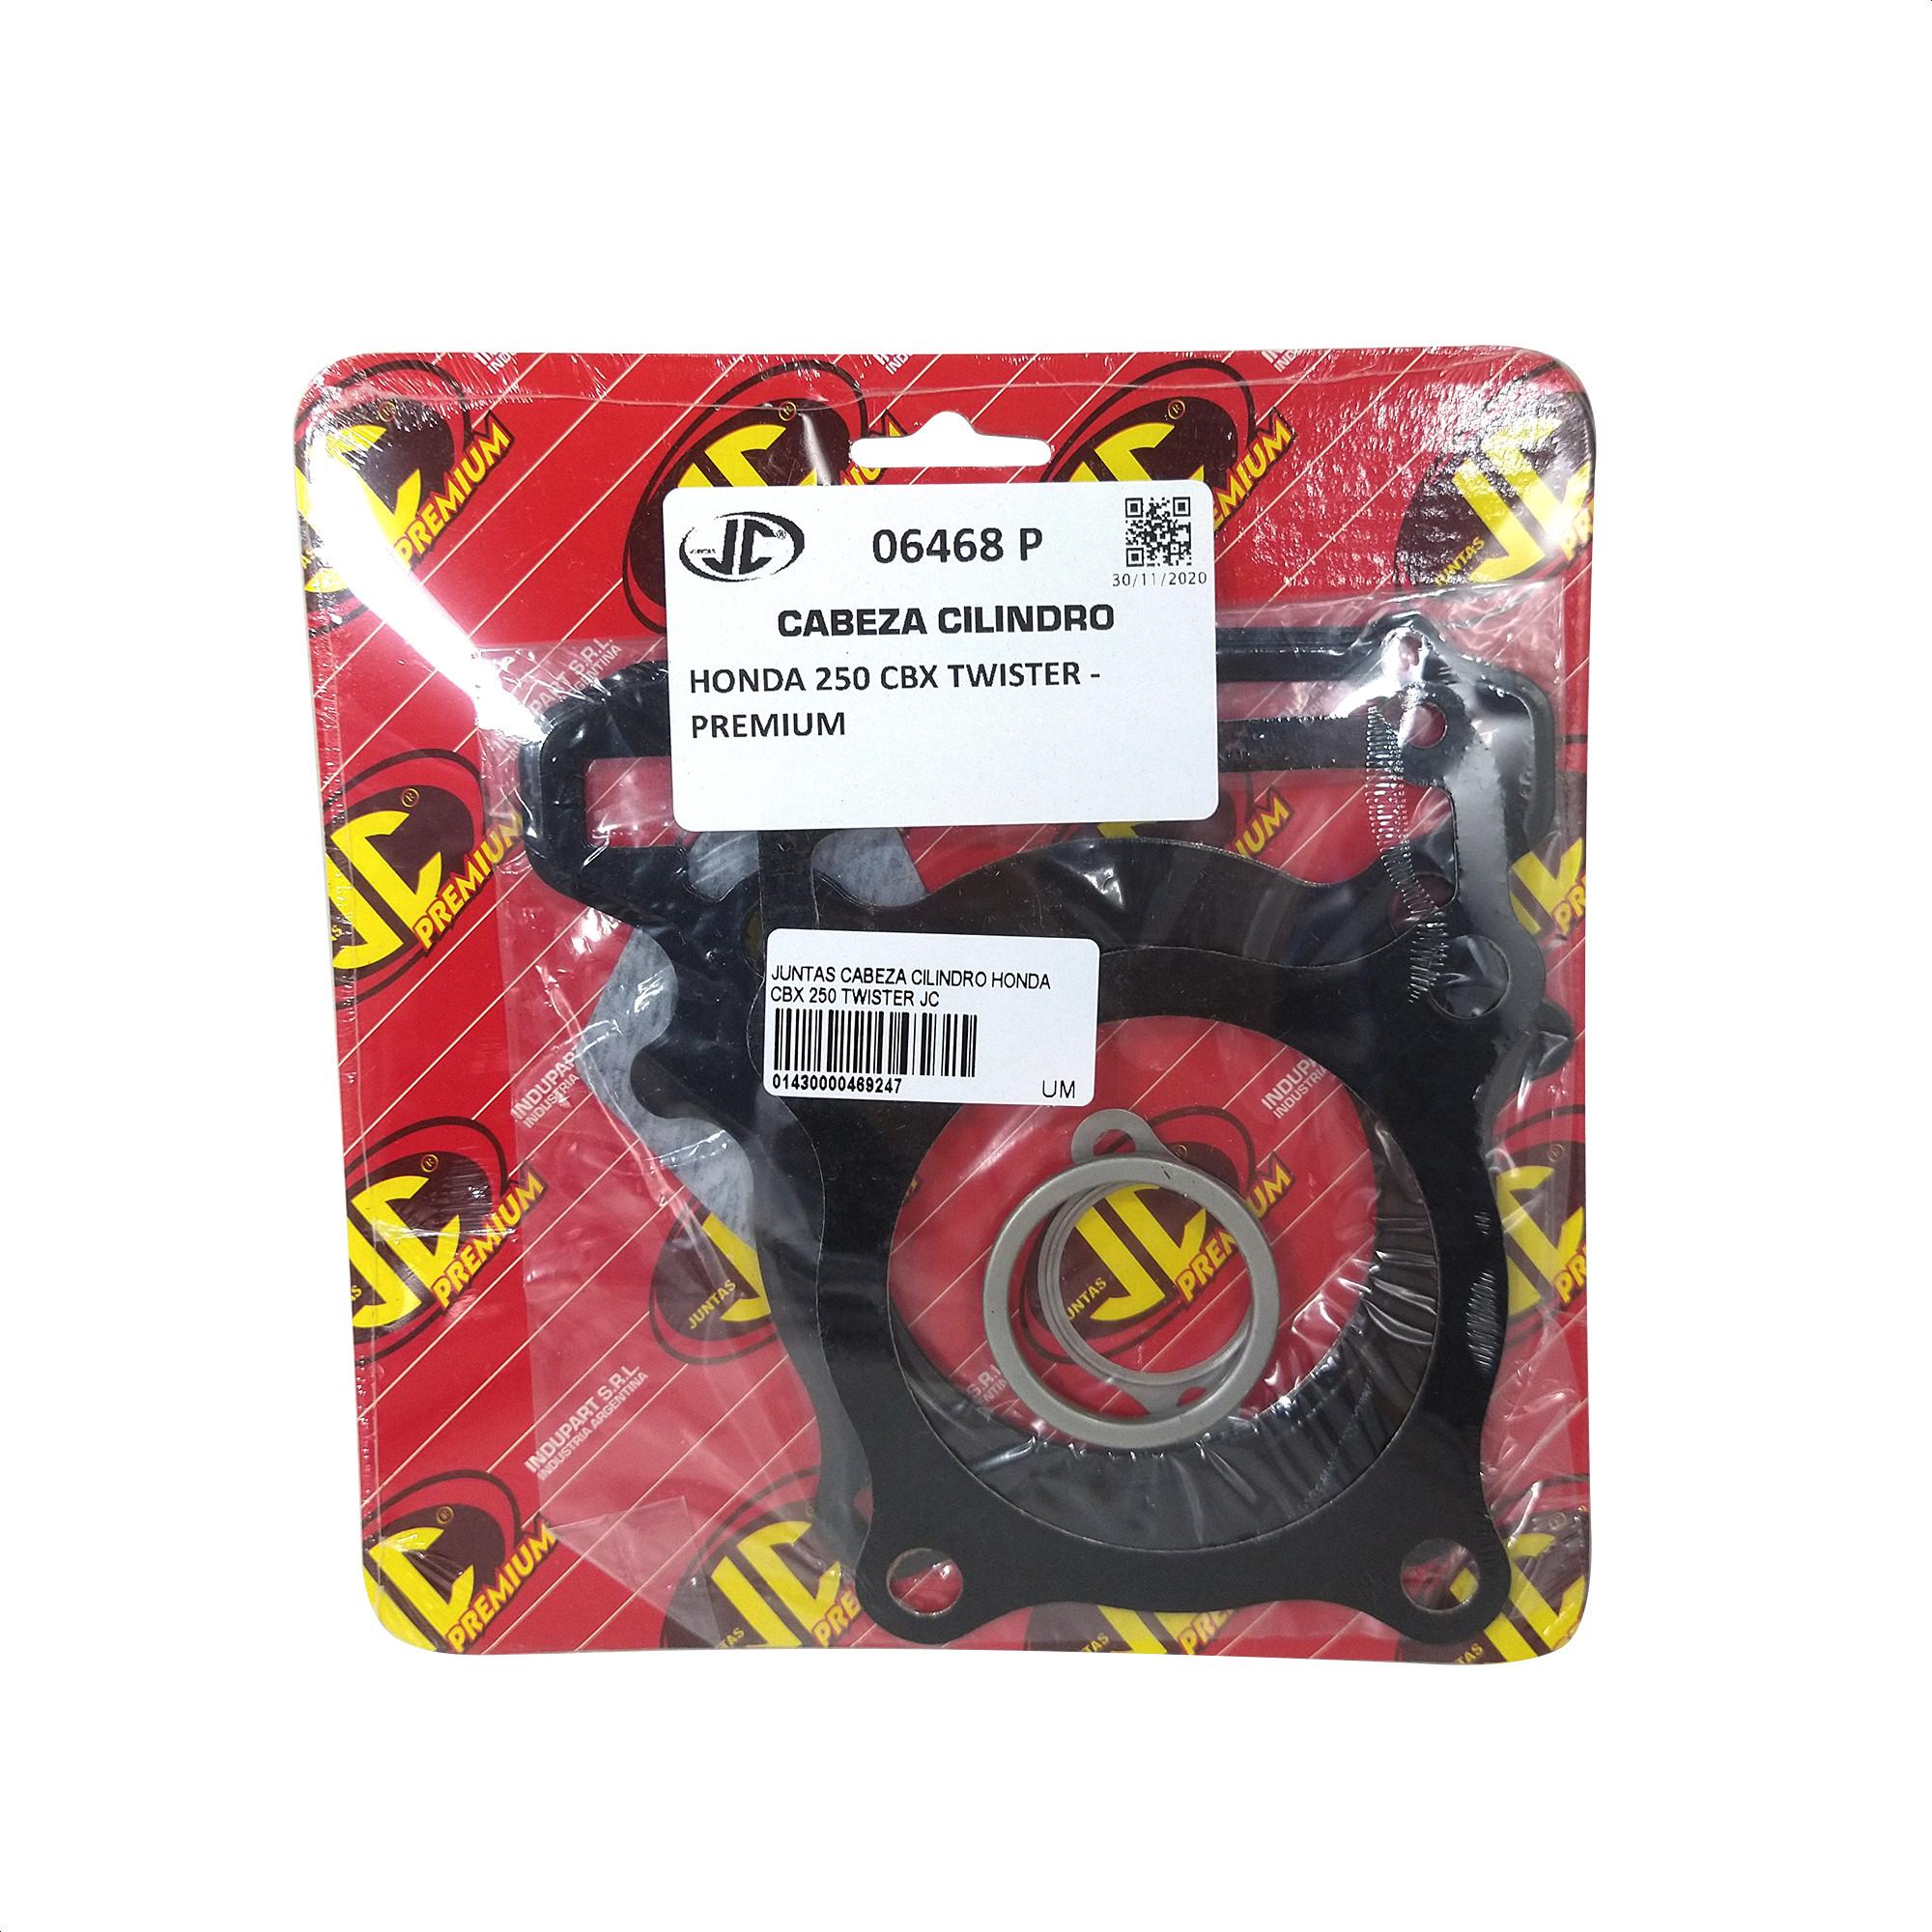 Juego de Juntas Cabeza Cilindro Jc Premium Honda Twister